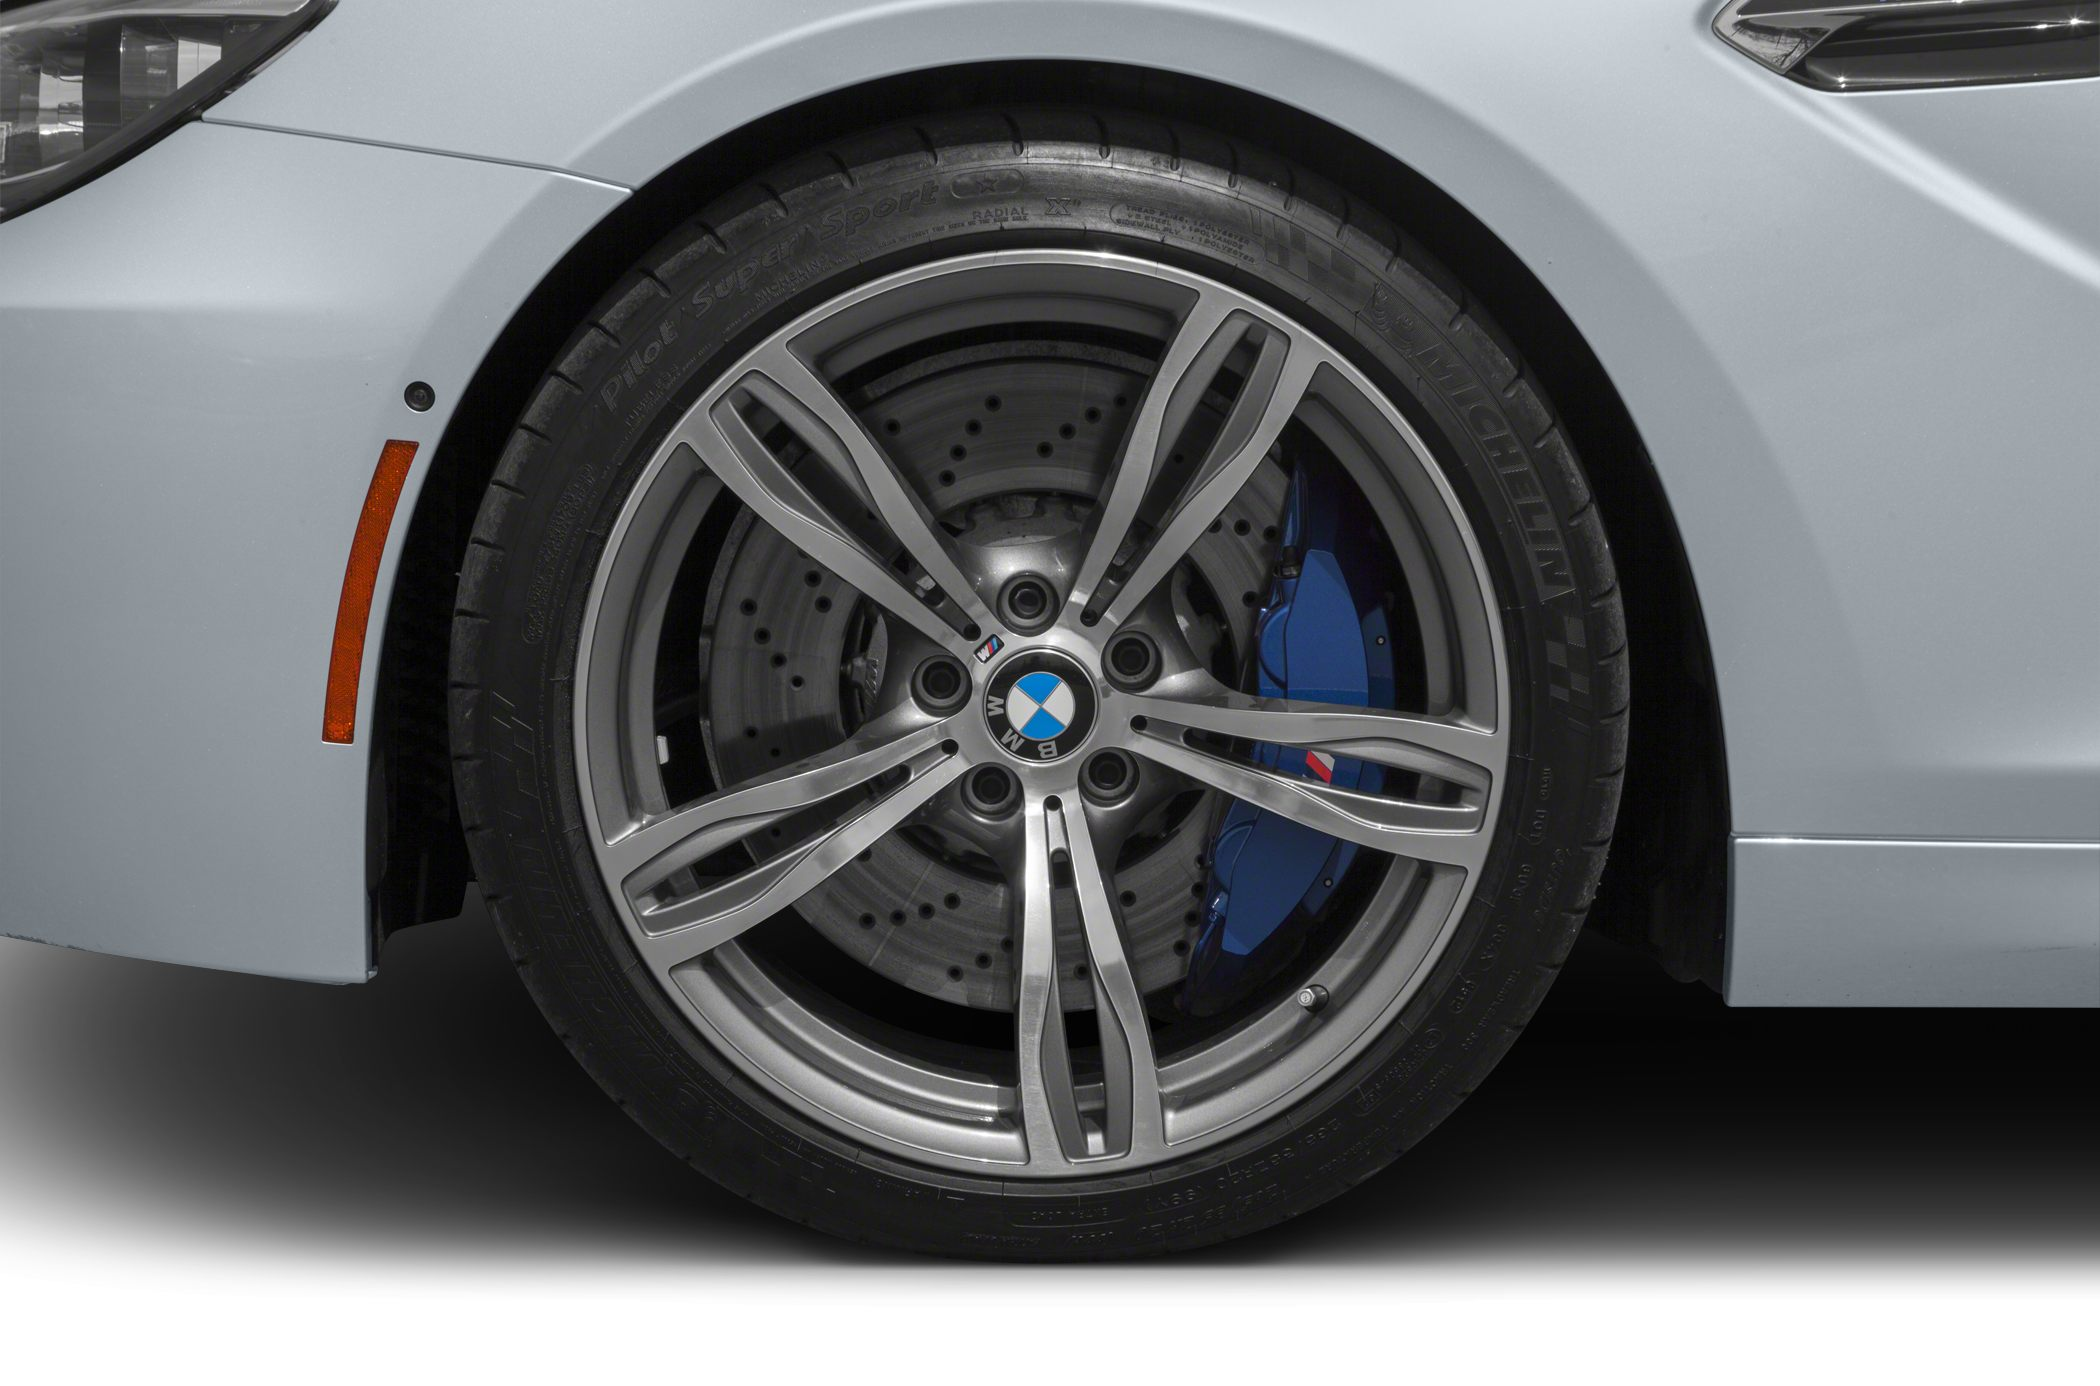 2014 bmw m6 wheel